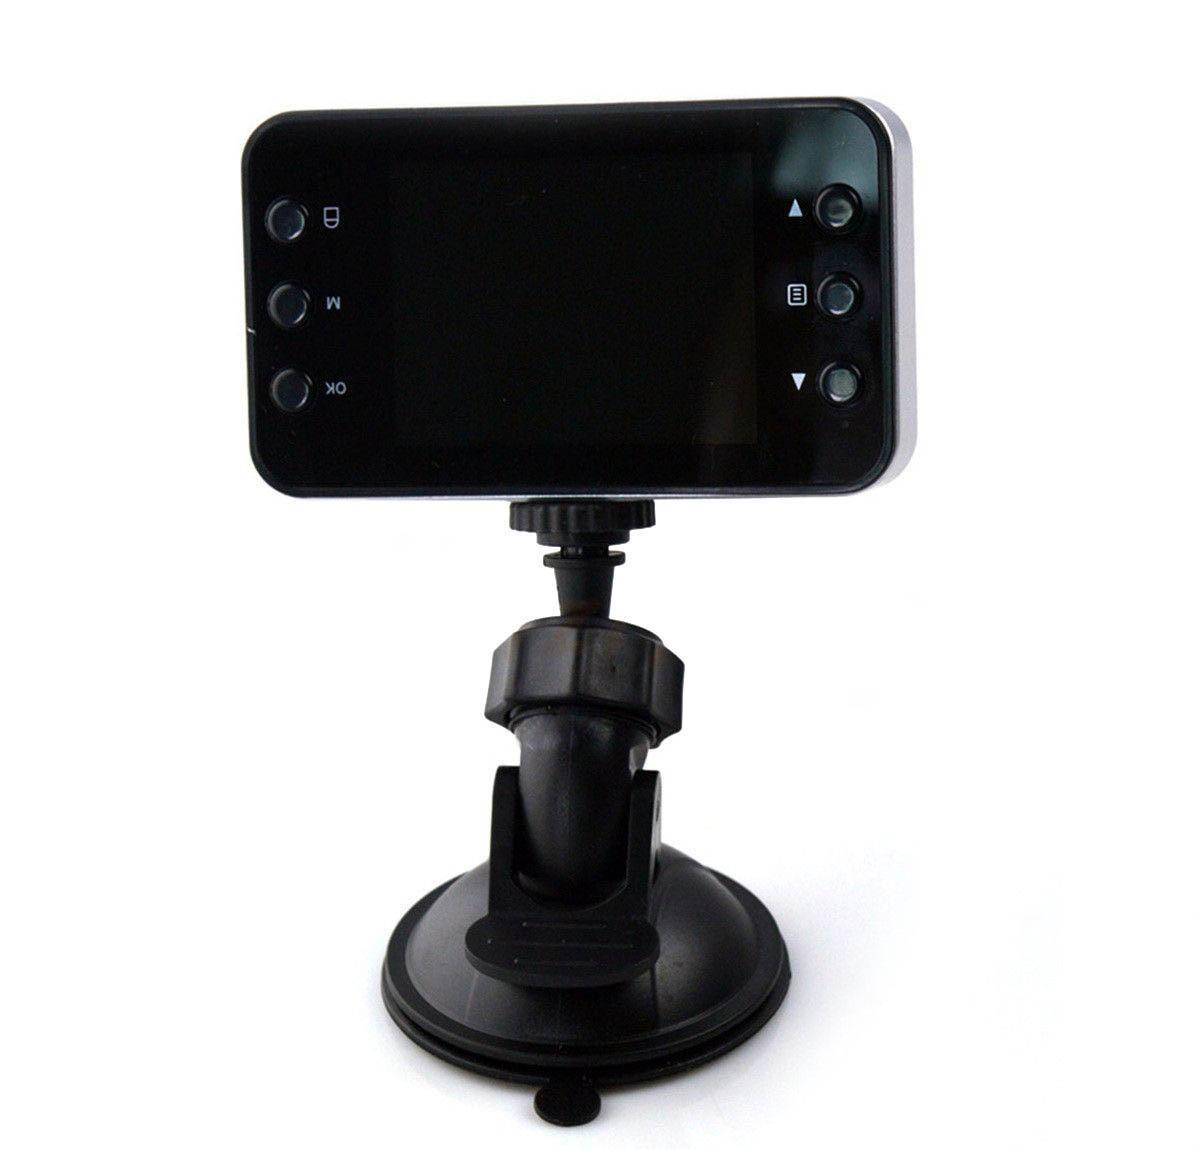 2.4 Caméra Full HD 1080P voiture DVR enregistreur vidéo Dash cam caméscope Livraison gratuite véhicule www.avalonkef.com 1.jpg